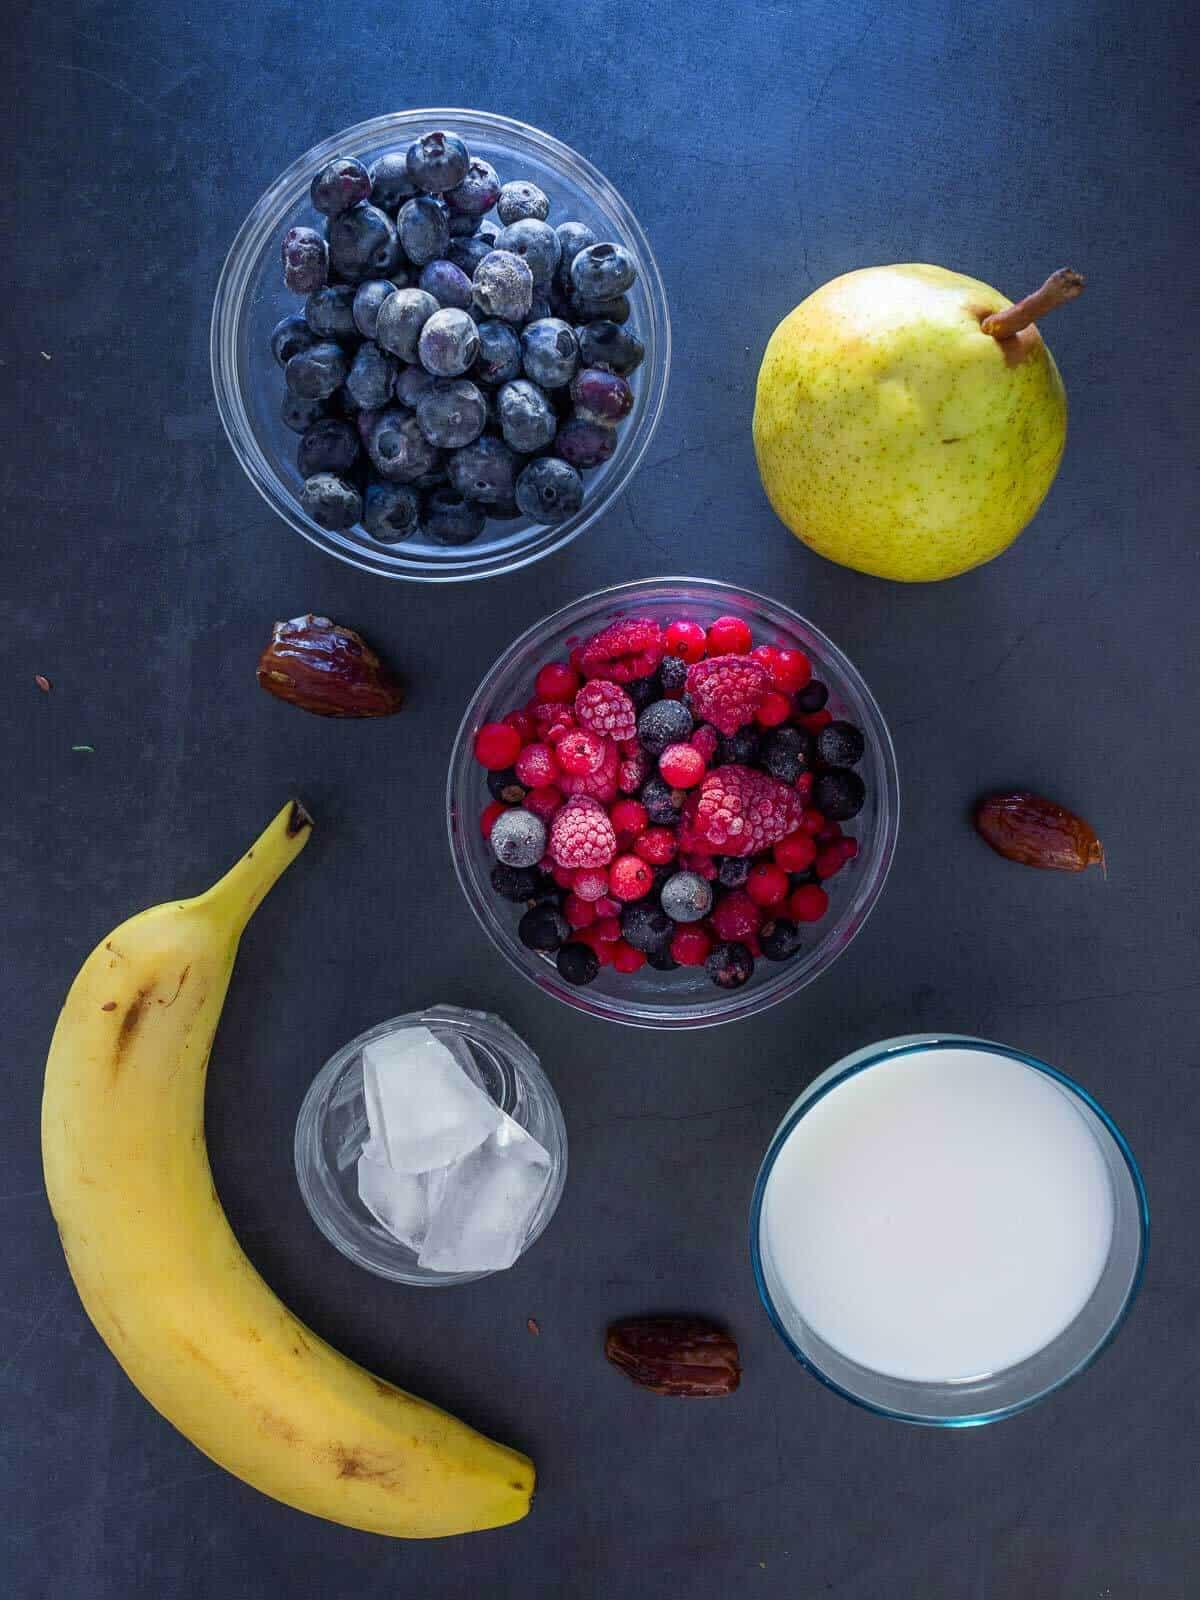 Mixed Berries Smoothie Ingredients